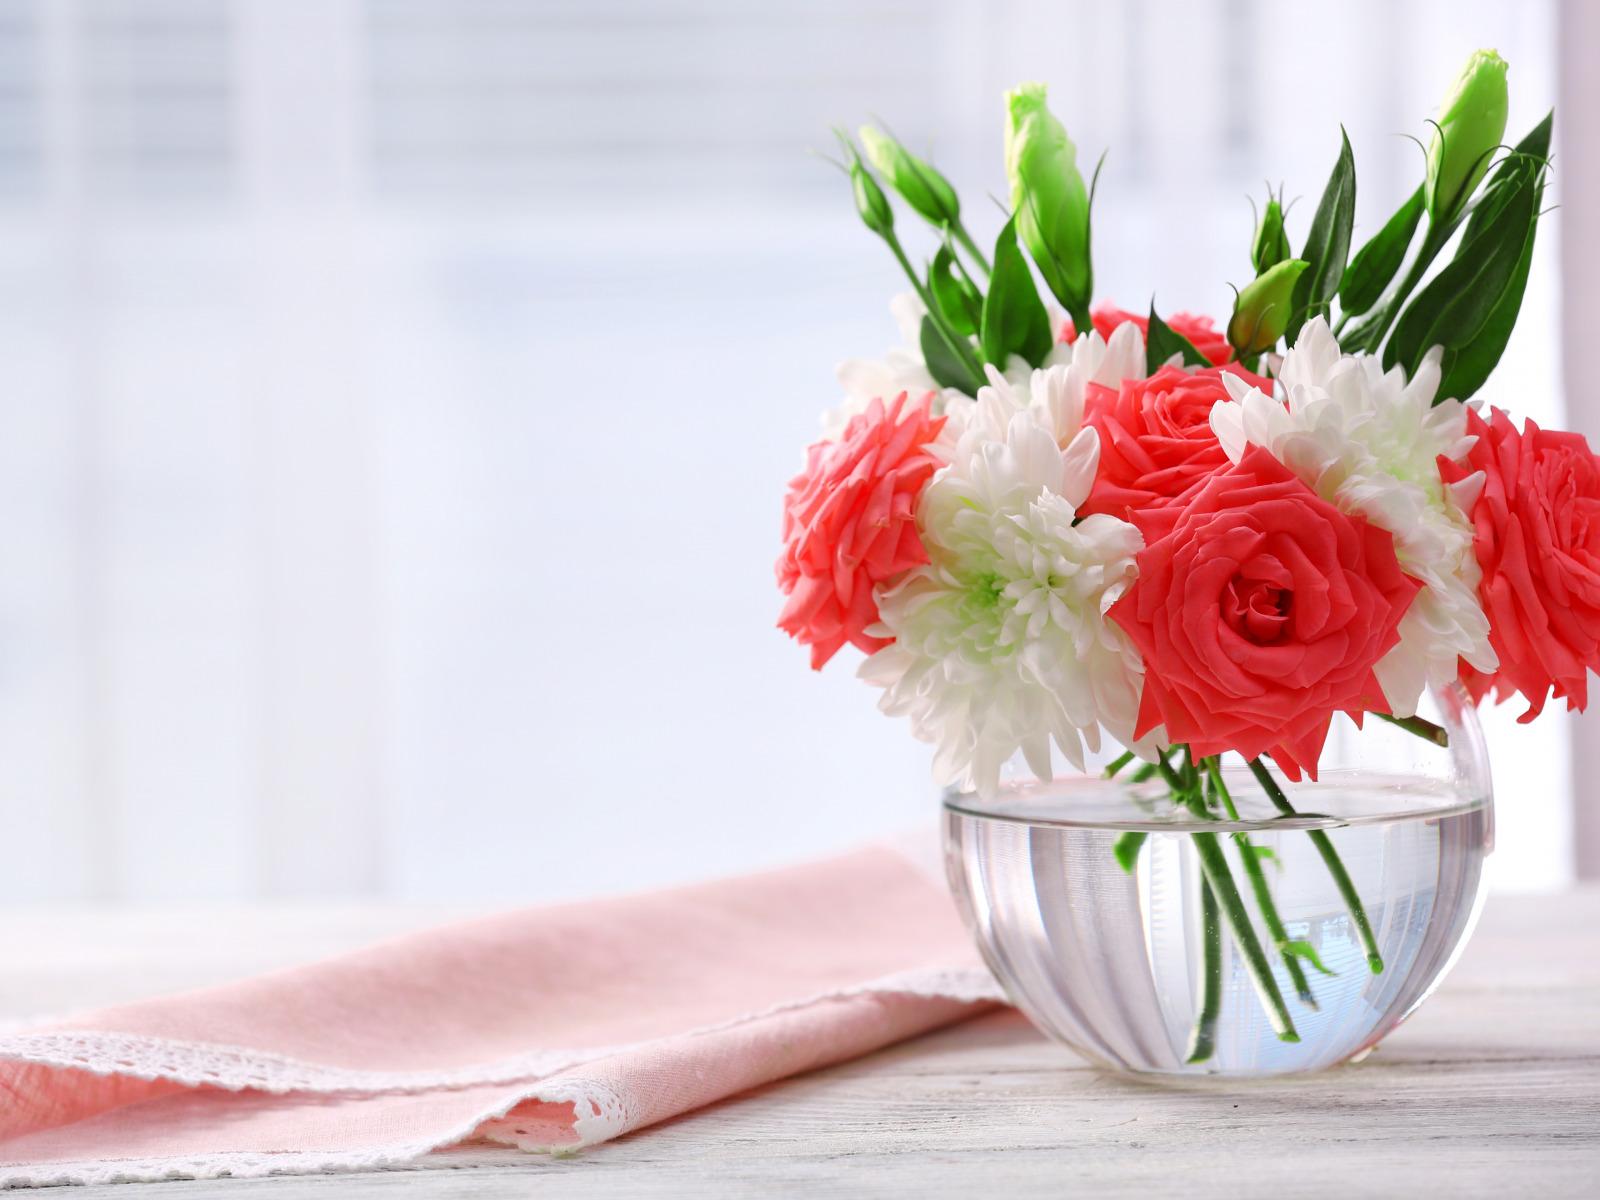 розы цветы ваза  № 1332572 без смс